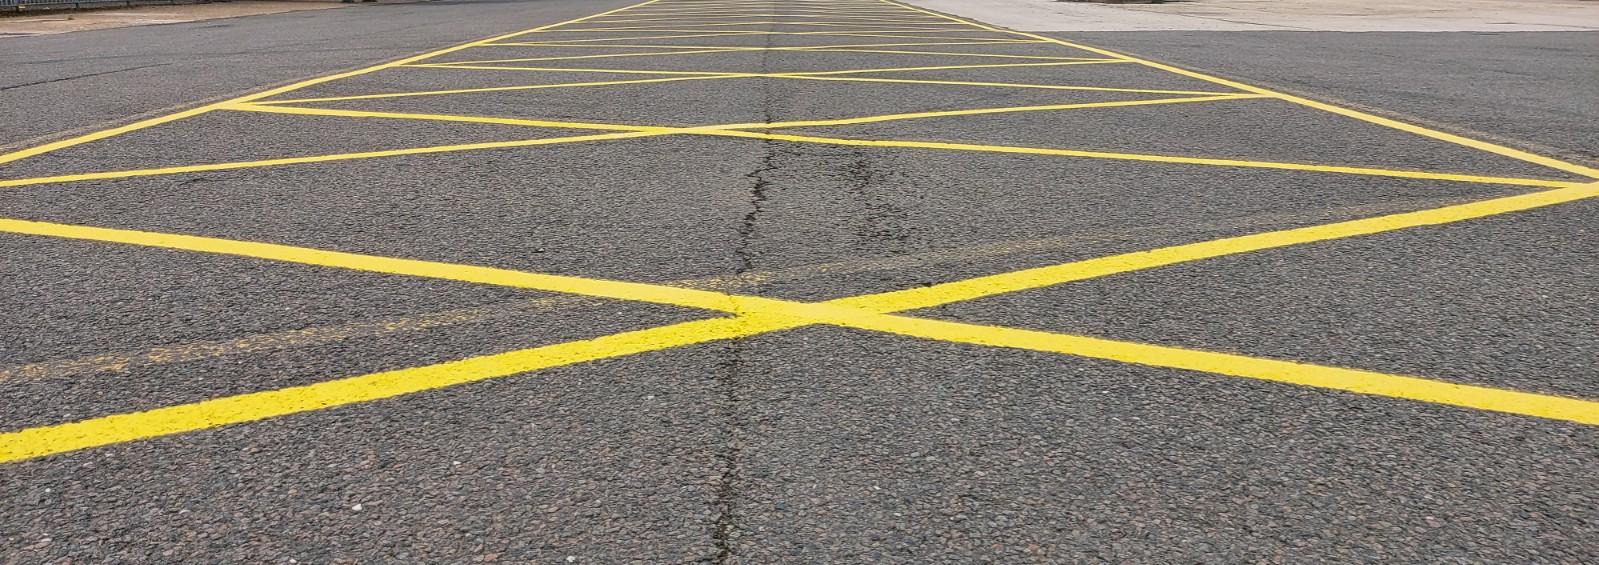 Line marking warwickshire